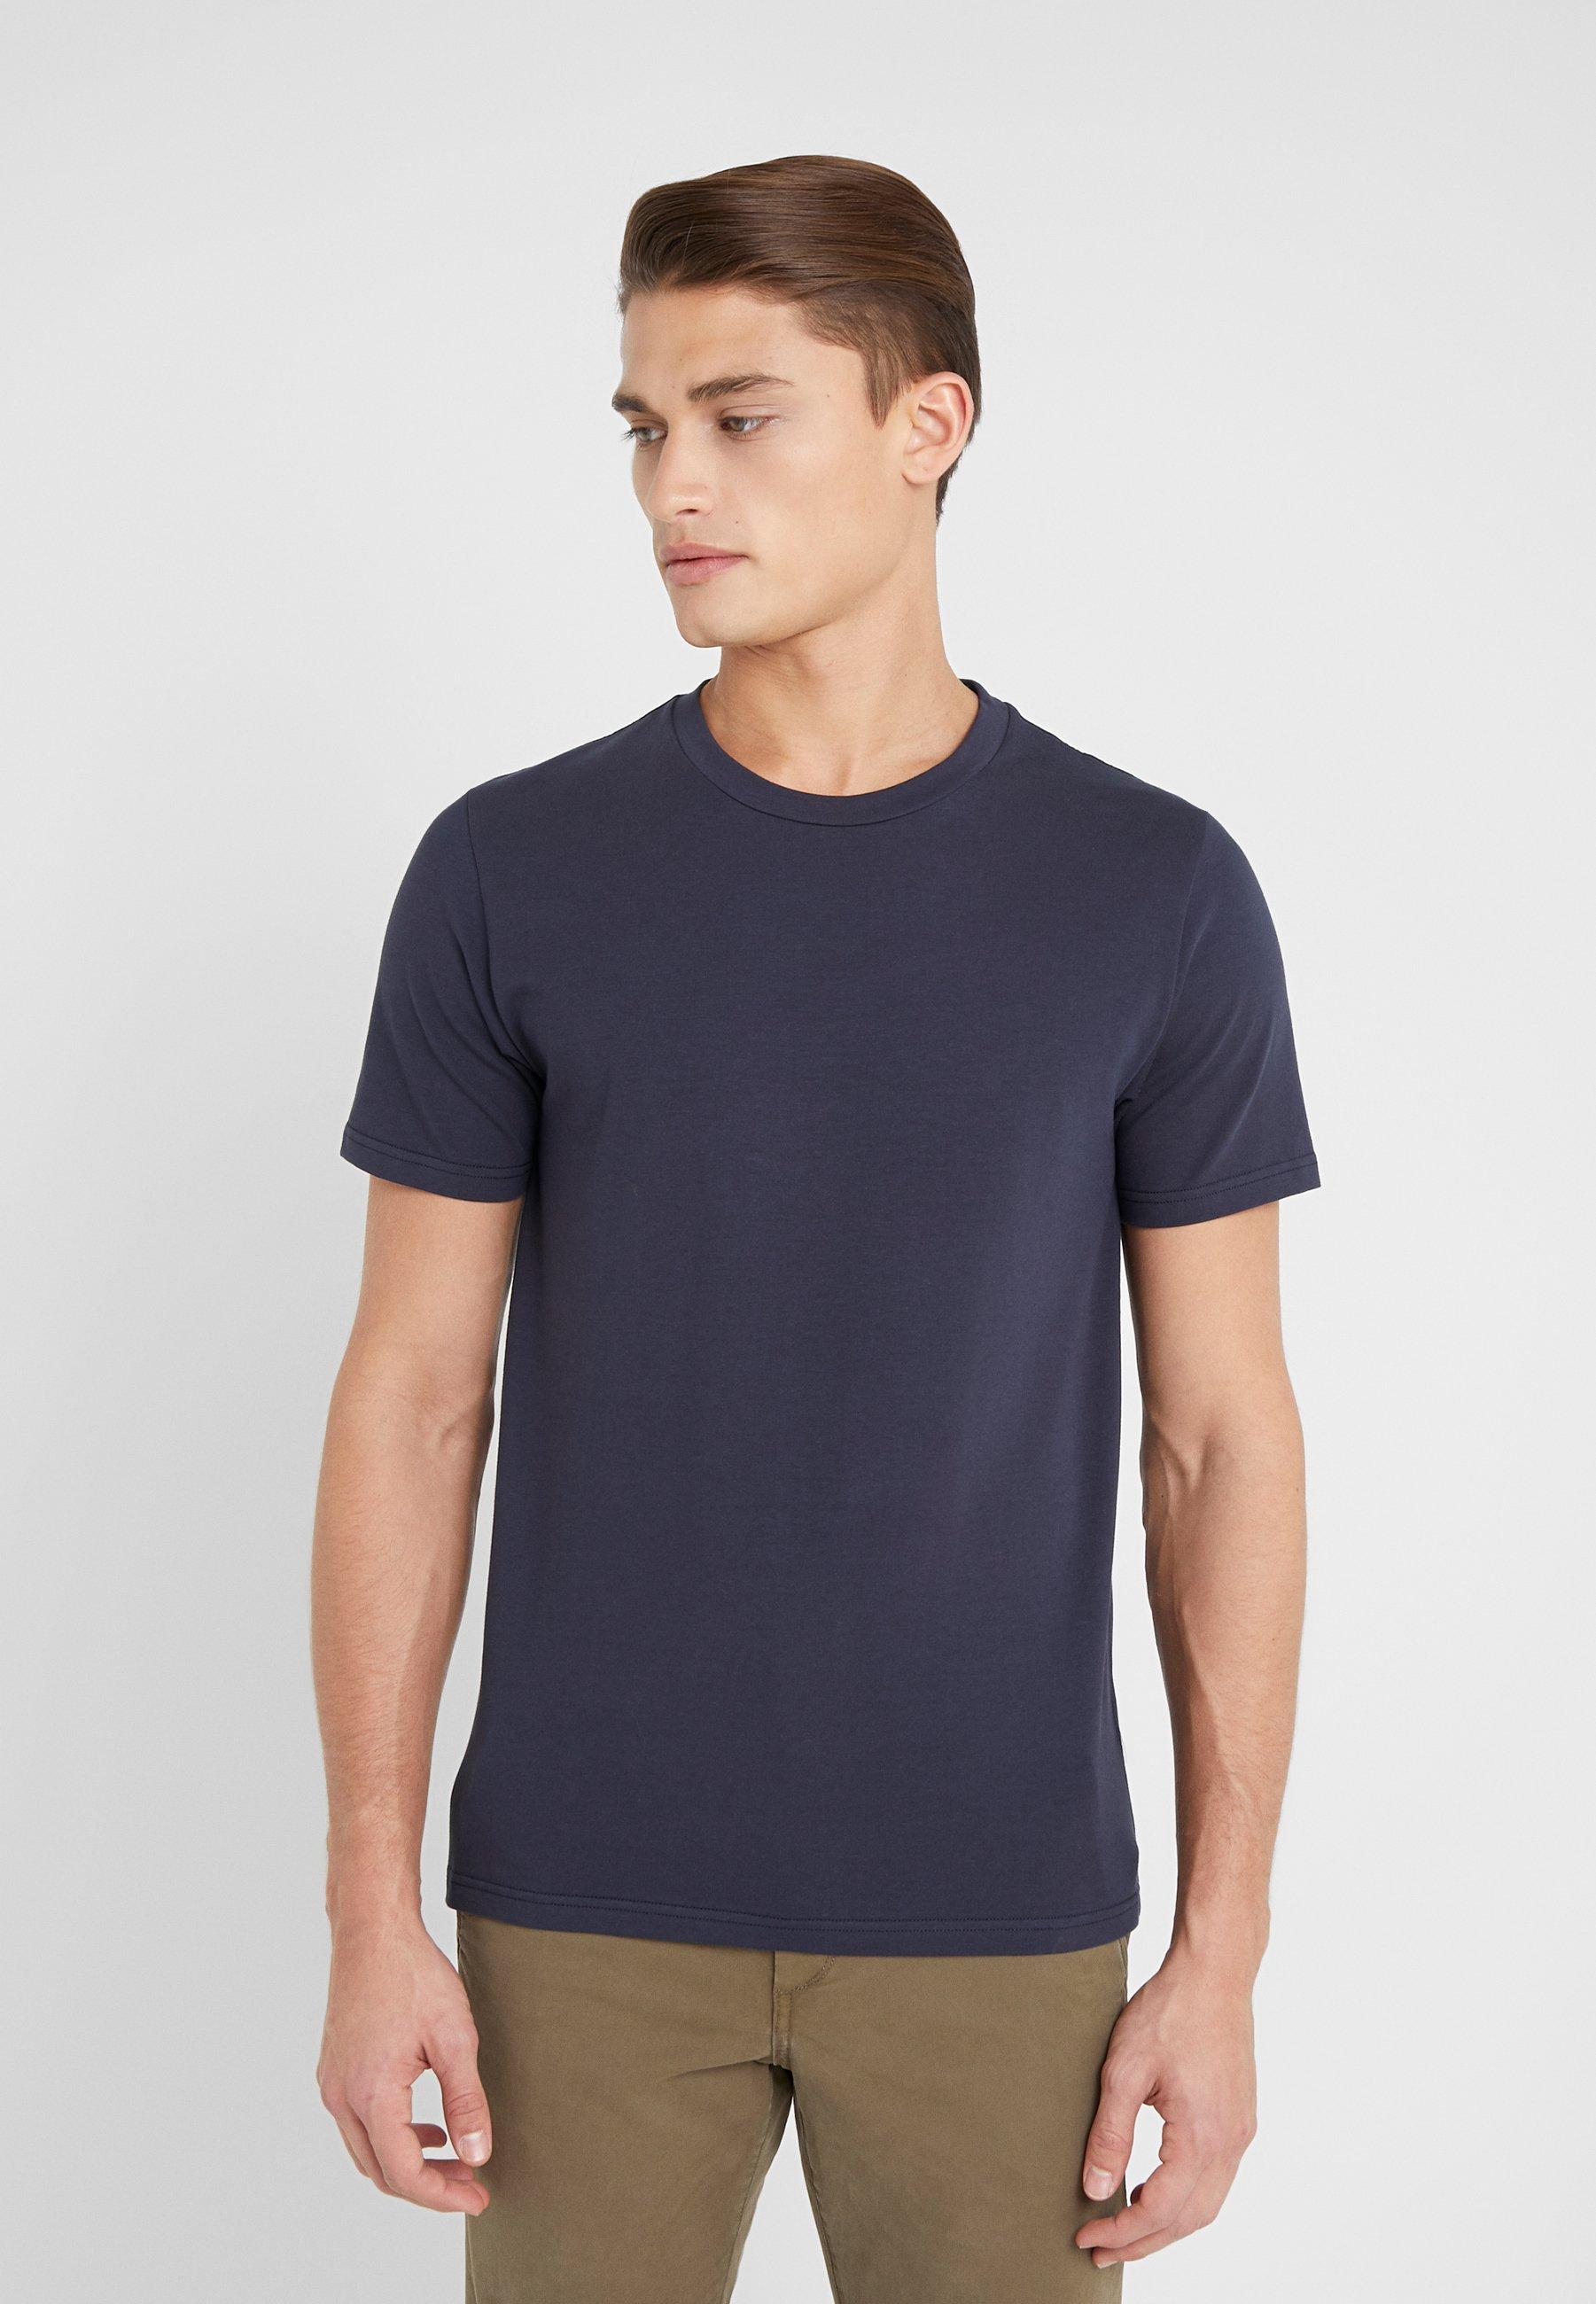 Filippa K TEE - T-shirt - bas - dark blue - Herrkläder Rabatter